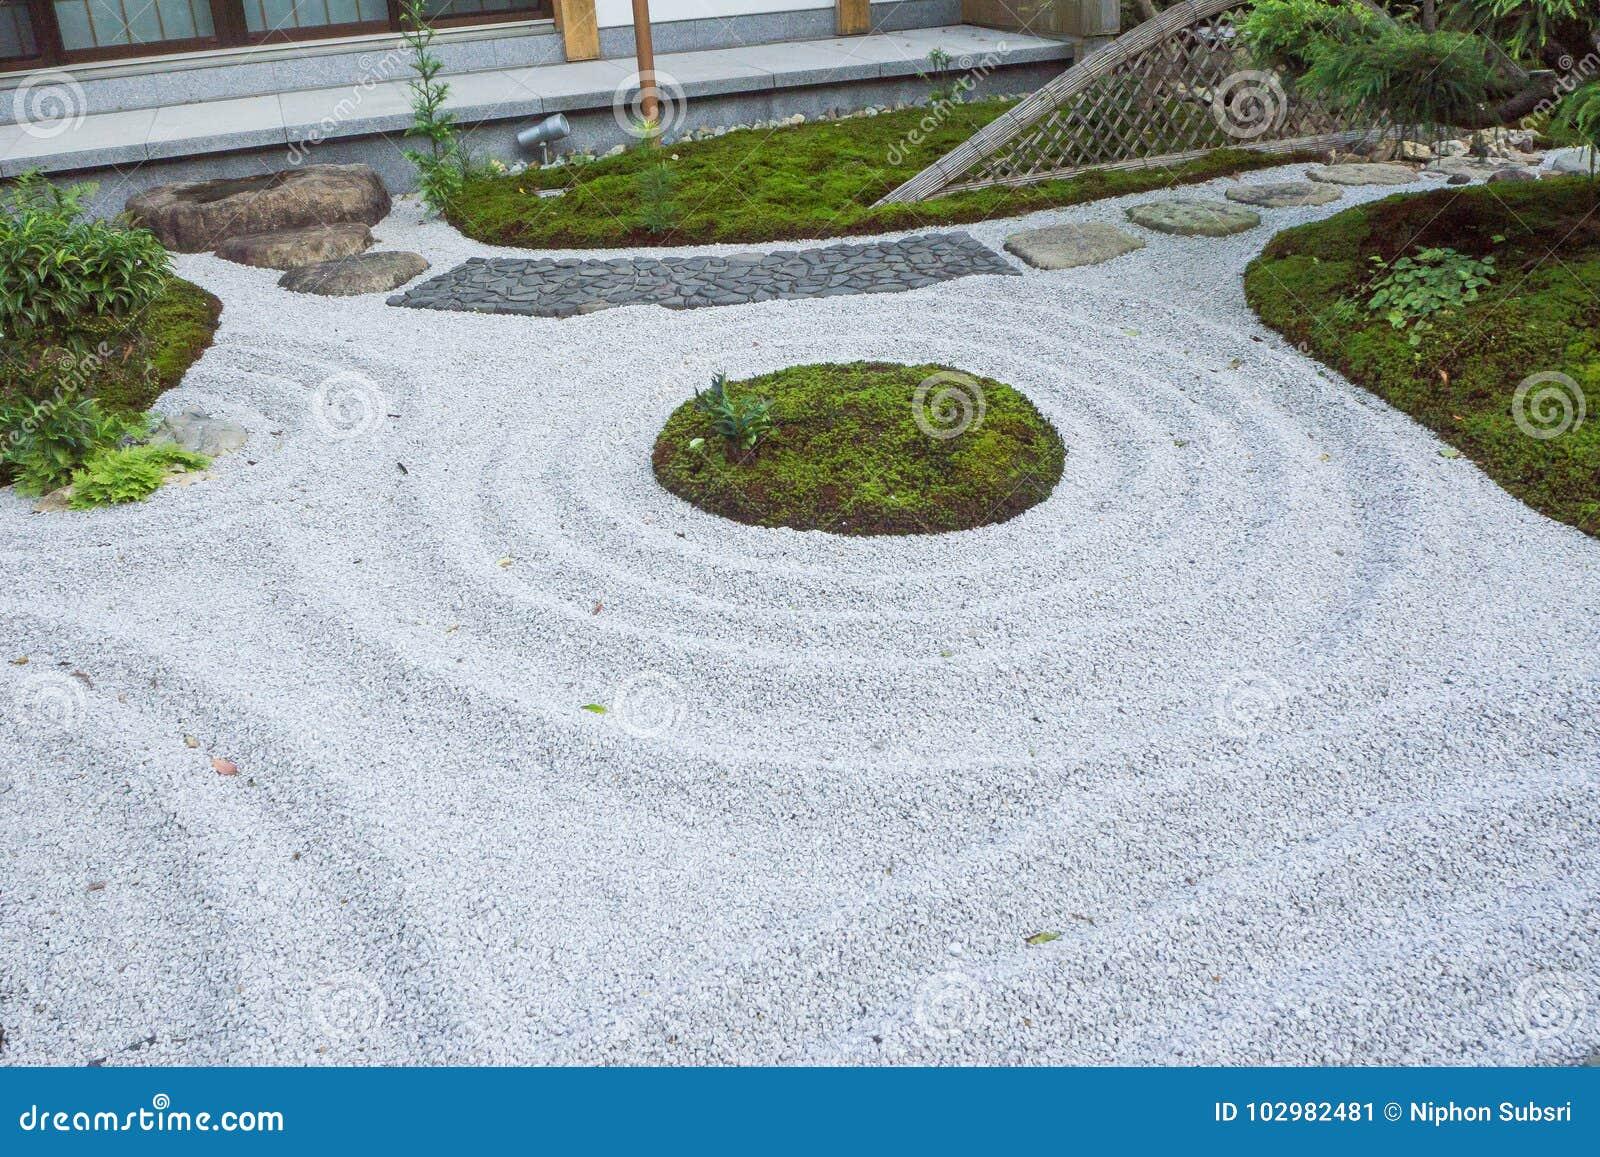 download the zen rock garden japanese style kamakura japan stock image image of garden - Zen Rock Garden